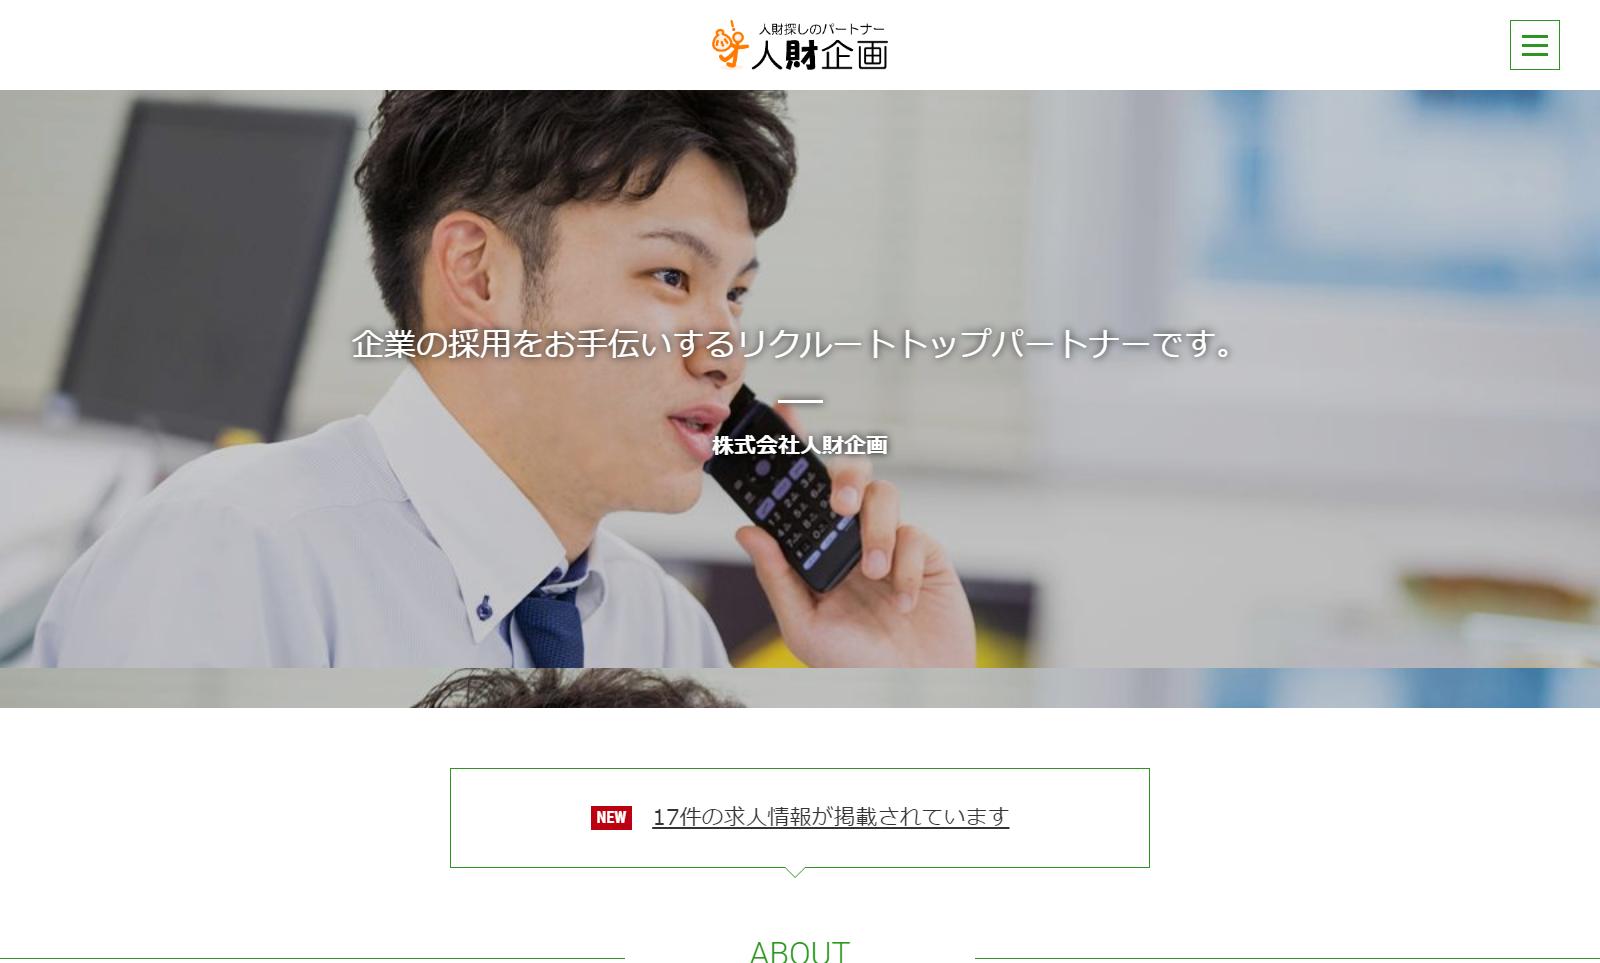 3.無料採用サイト【ジョブオプLite】をつくりましょう!